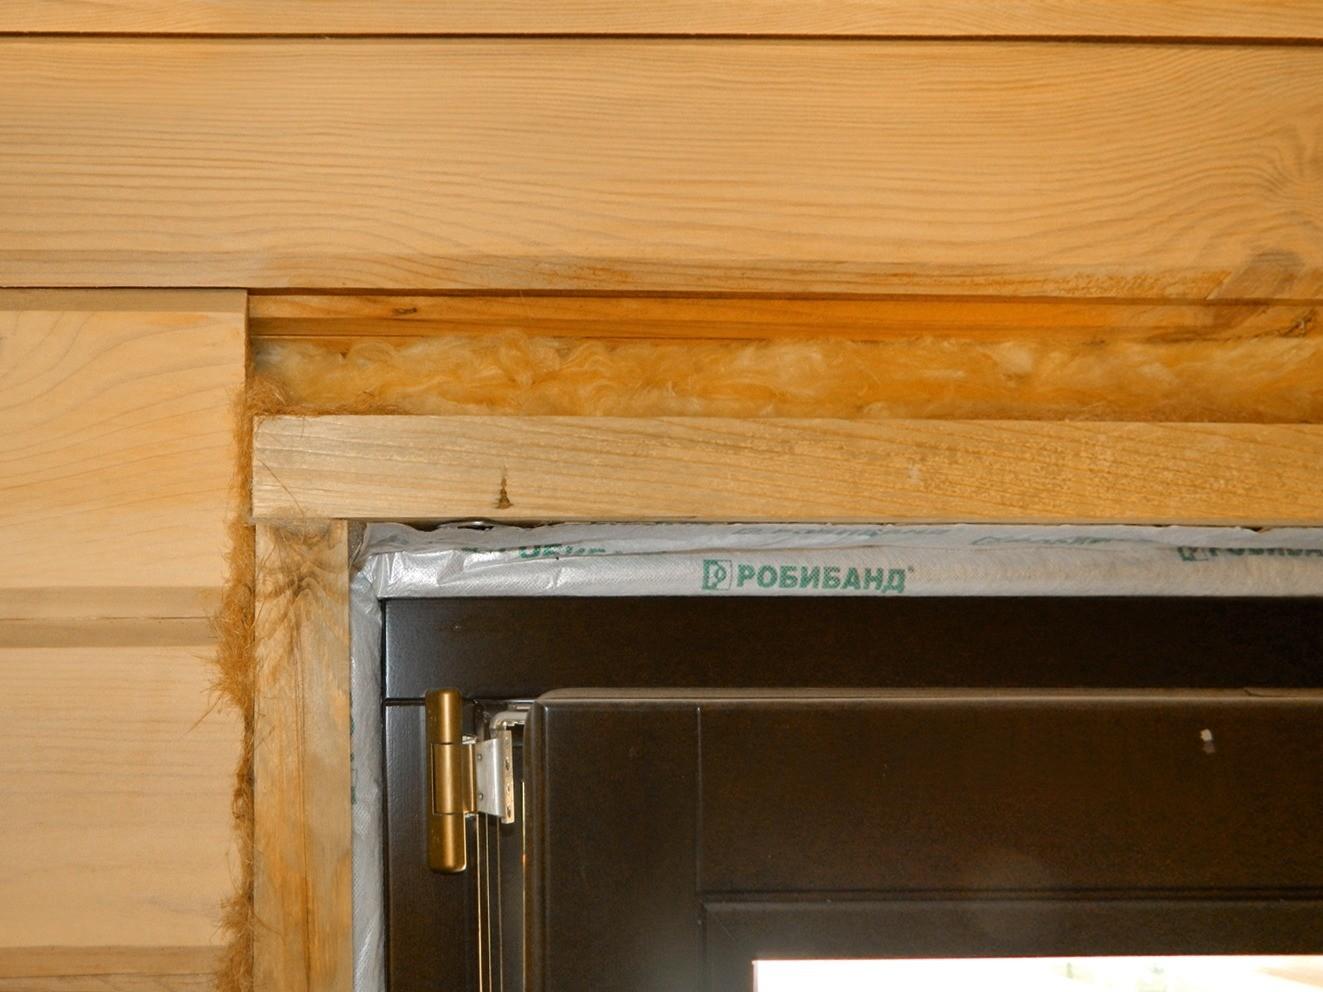 Обсадные коробки не мешают усадке и при этом гарантируют сохранение правильной геометрии стен. Над верхней перемычкой обсады оставляют компенсационный зазор (4 % от высоты проёма), которы...